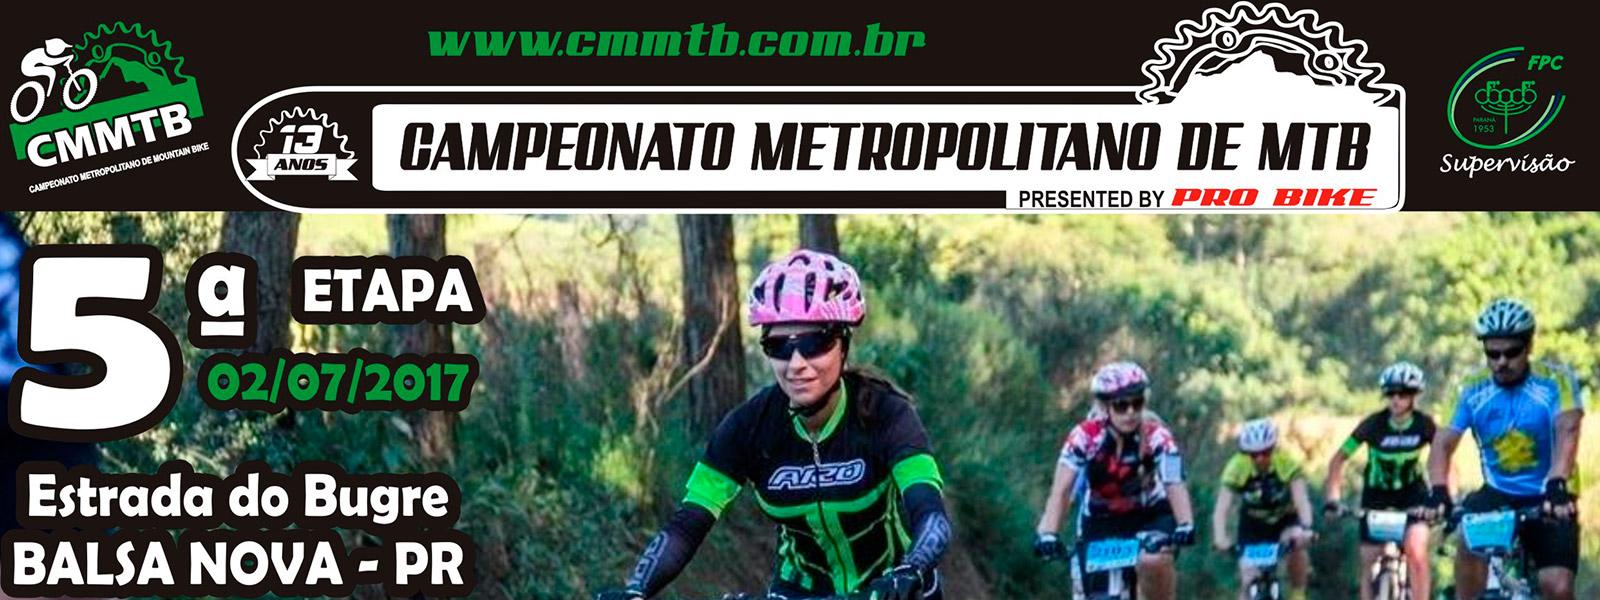 CAMPEONATO METROPOLITANO DE MOUNTAIN BIKE 2017 - 5ª ETAPA - Balsa Nova/PR - Imagem de topo